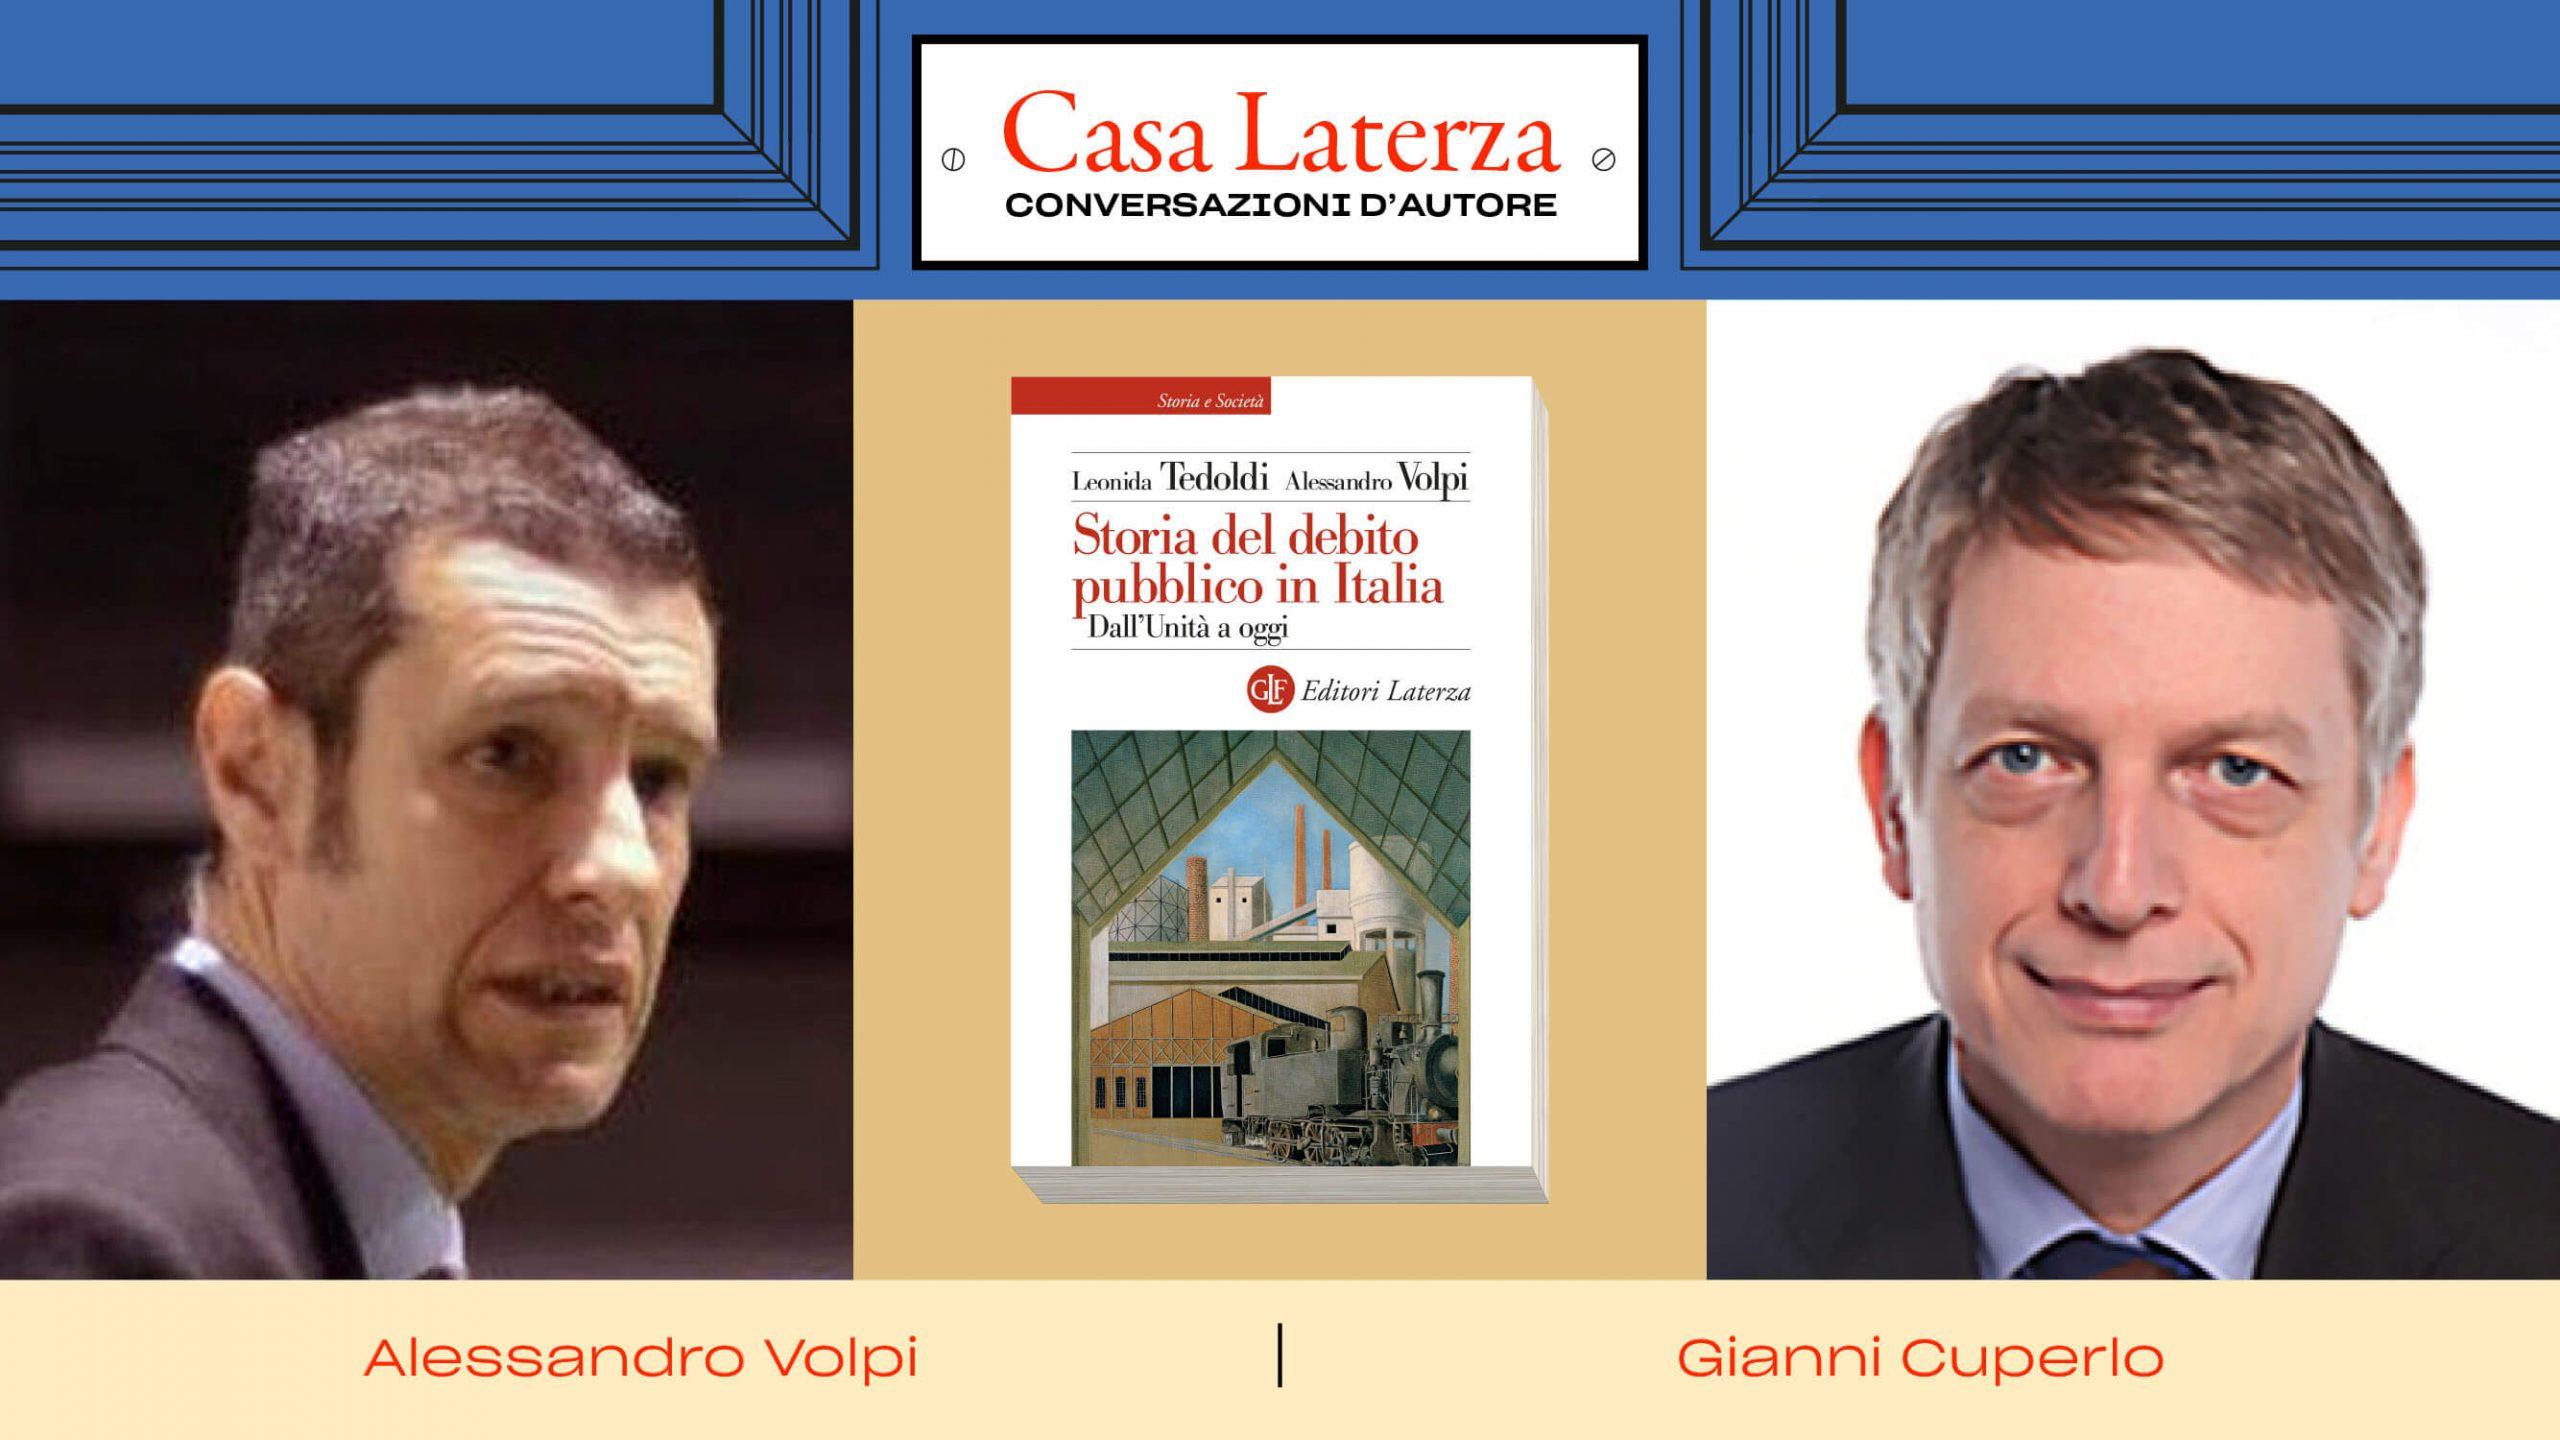 #CasaLaterza: Alessandro Volpi dialoga con Gianni Cuperlo